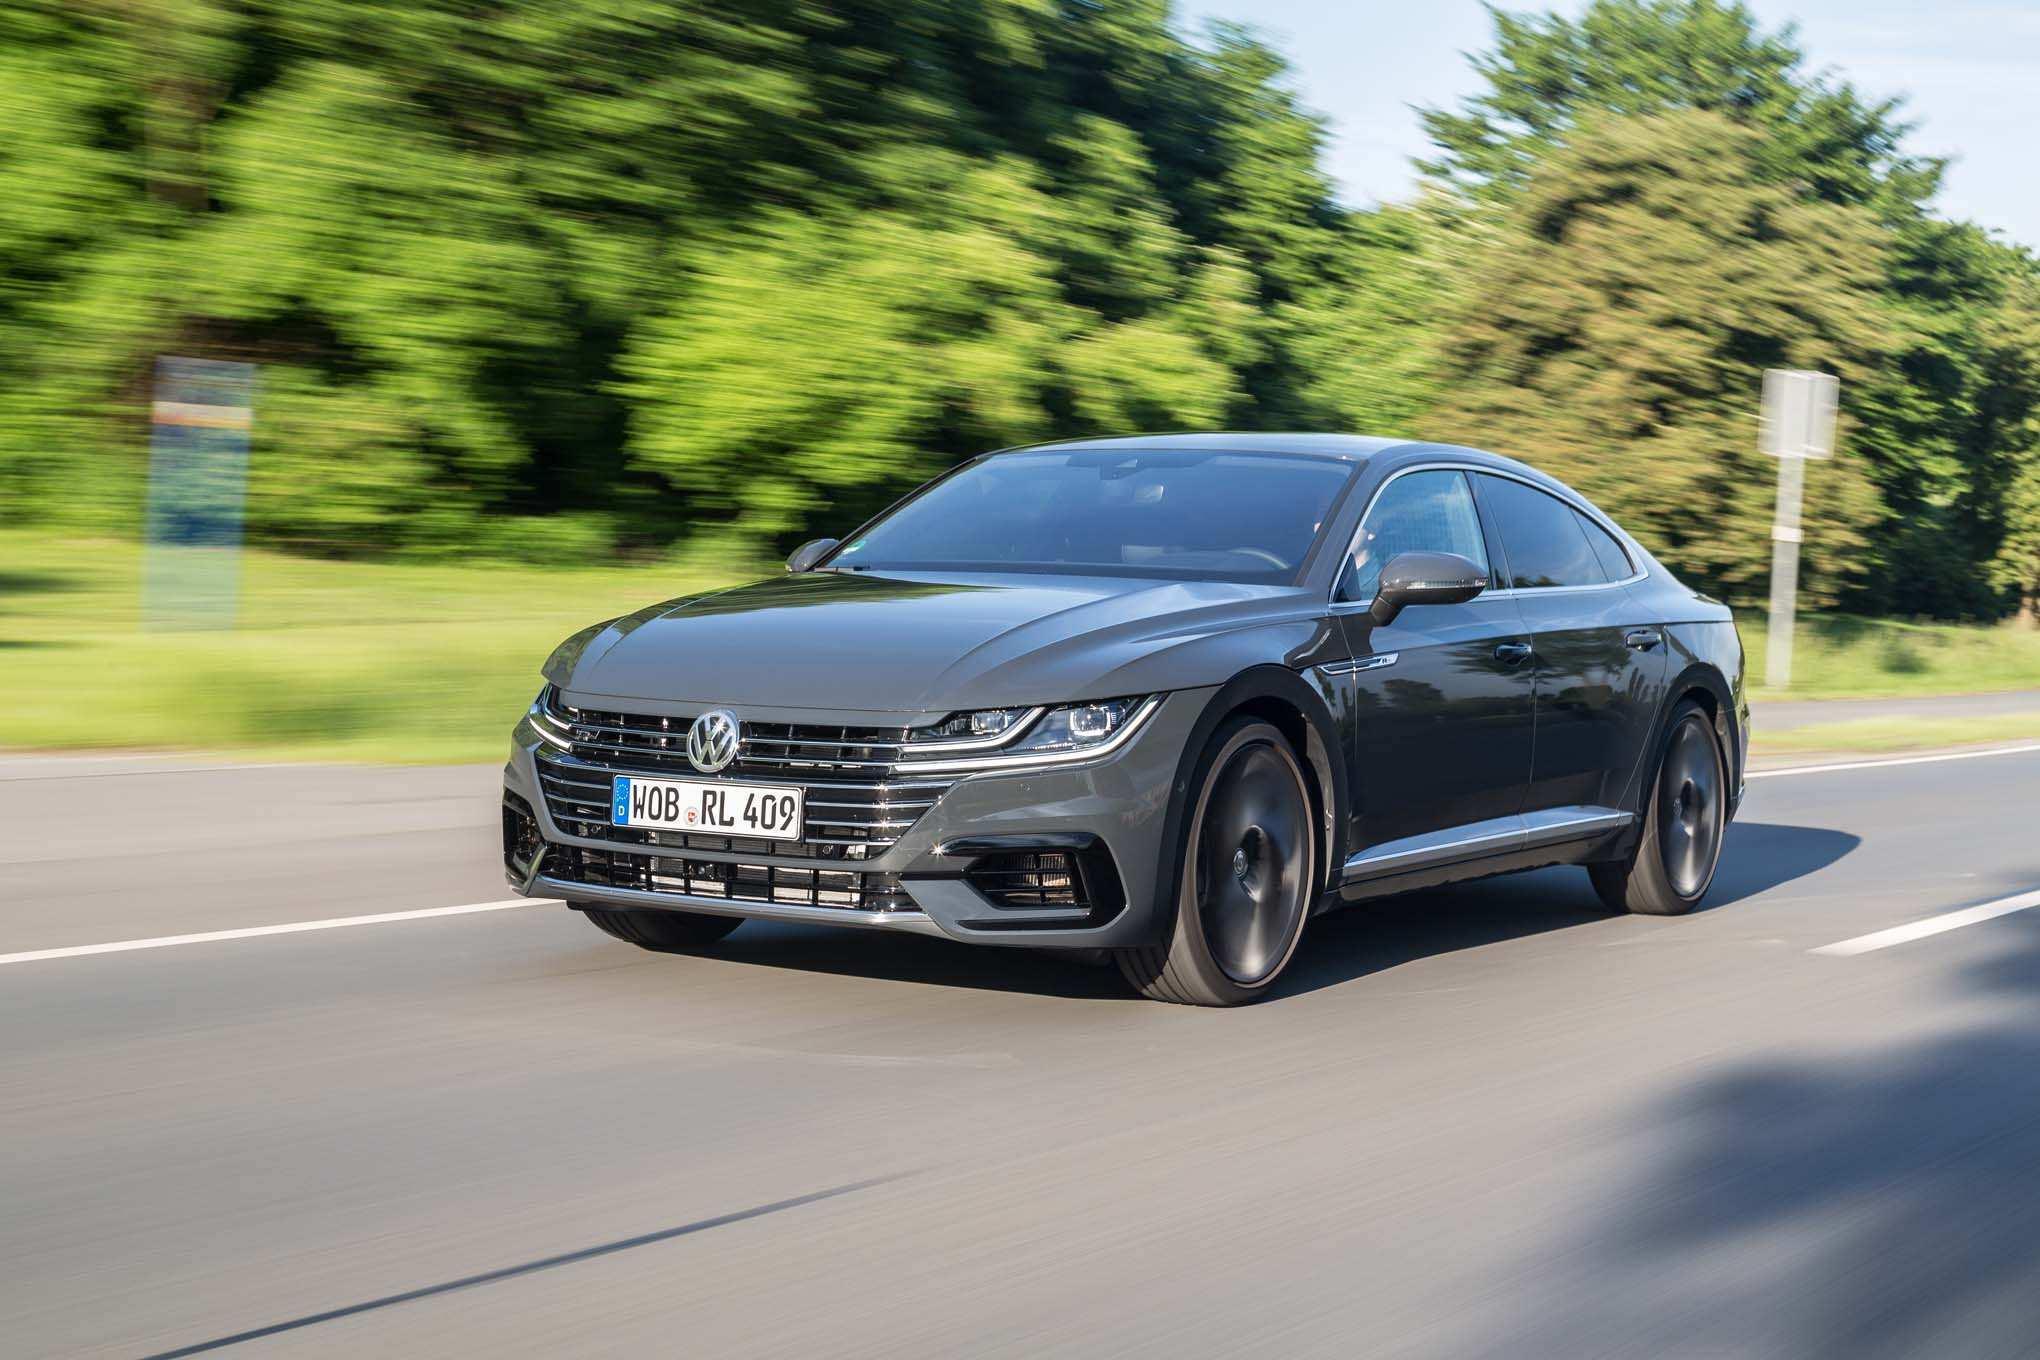 24 Concept of 2020 Volkswagen Arteon Exterior Ratings with 2020 Volkswagen Arteon Exterior